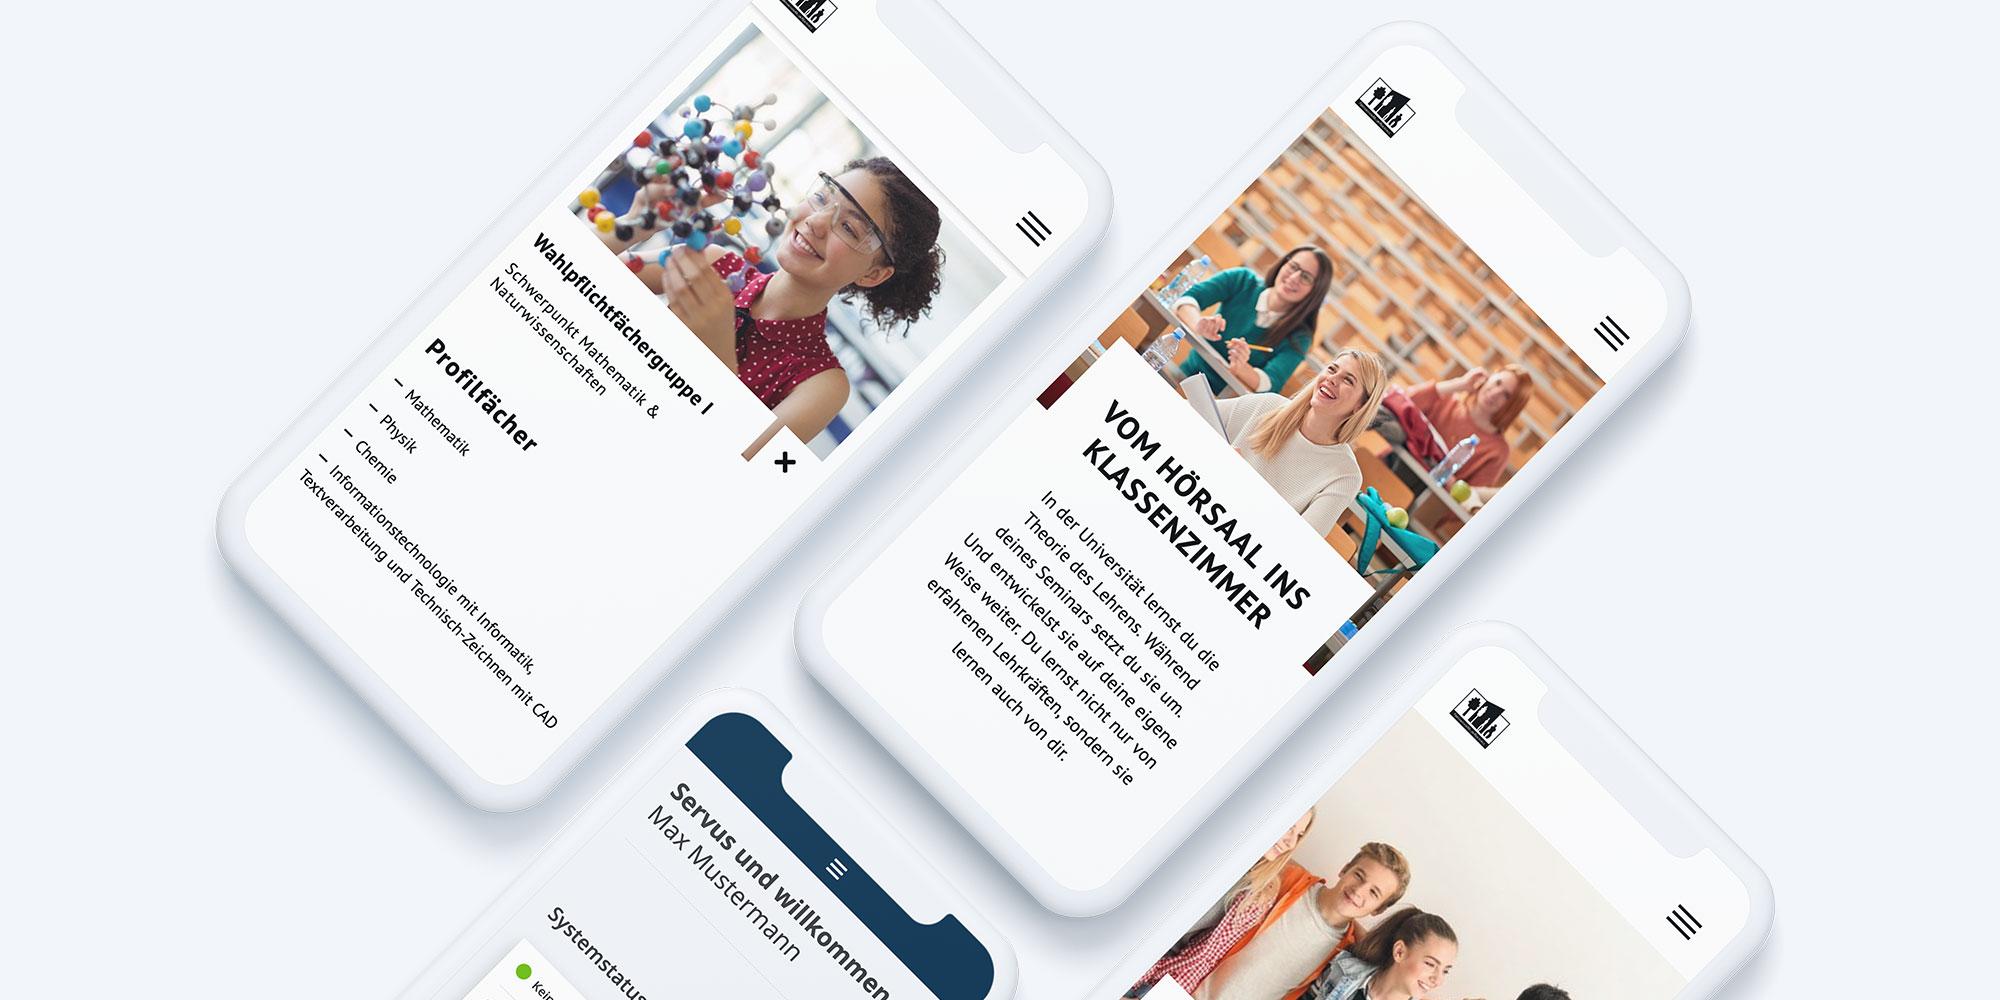 Digitalagentur FeichtMedia für strategische Lösungen